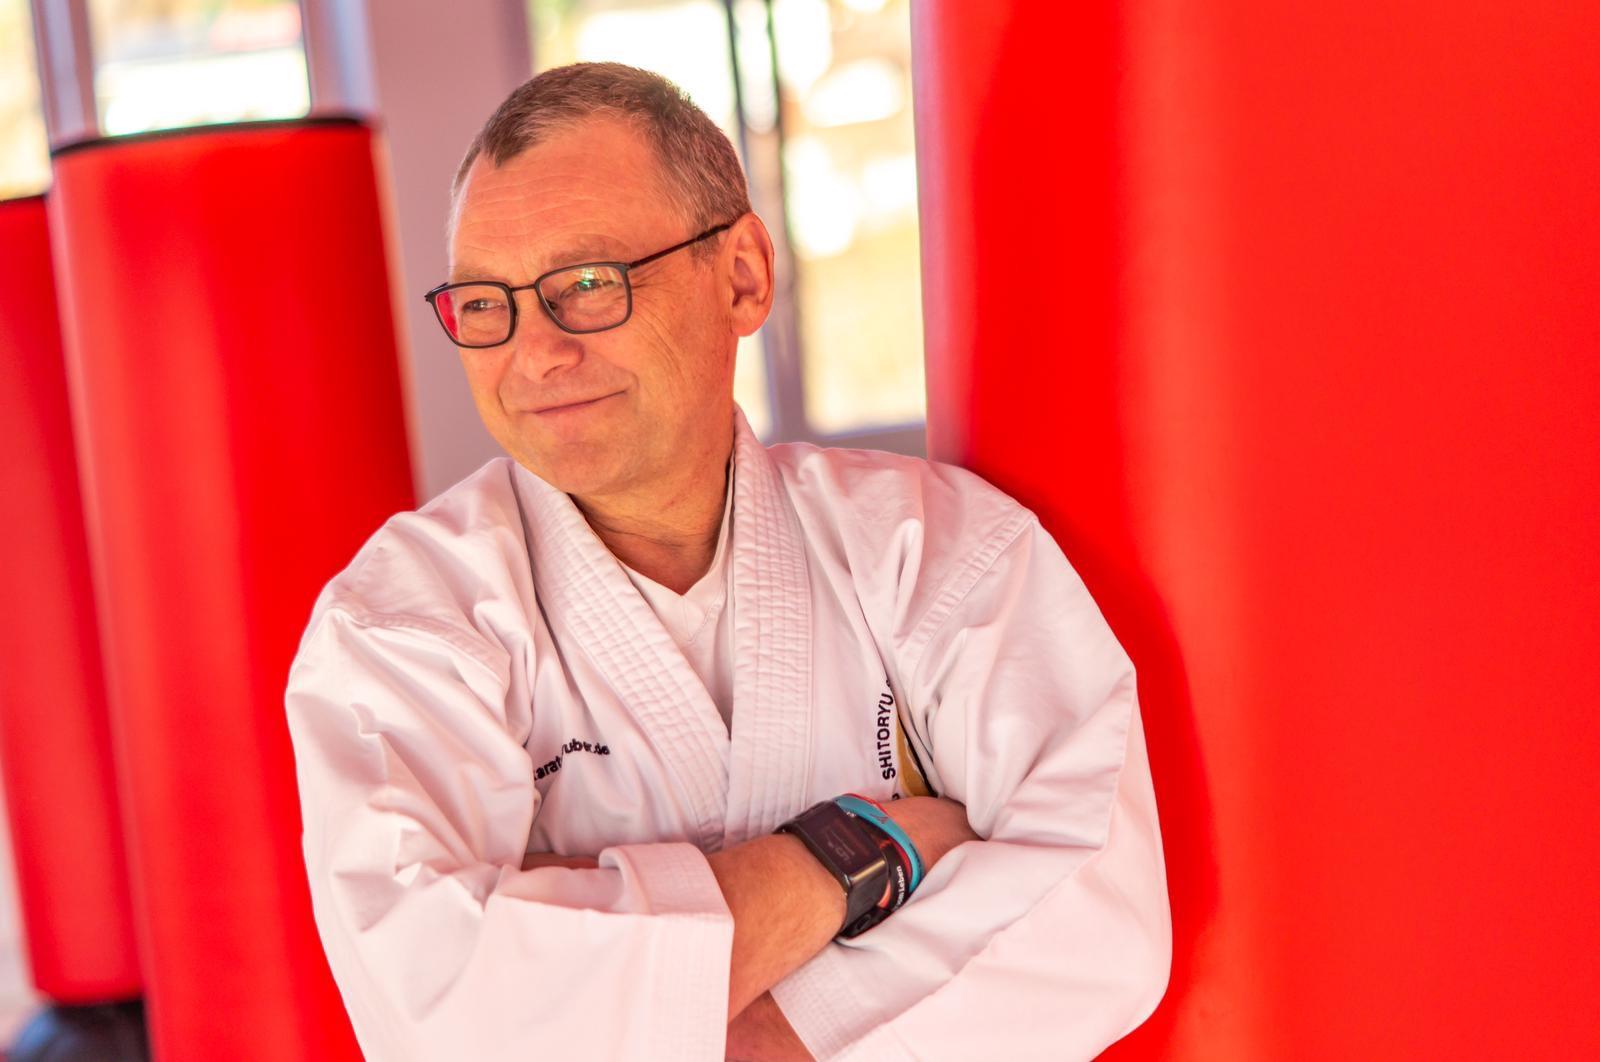 Paul Gruber ist bei der bayerischen CSU in Freyung-Grafenau aktiv. Er sprach mit uns über die Kommunalwahl 2020, die In den Medien, im Schatten der Corona-Krise, weitgehend unterging;